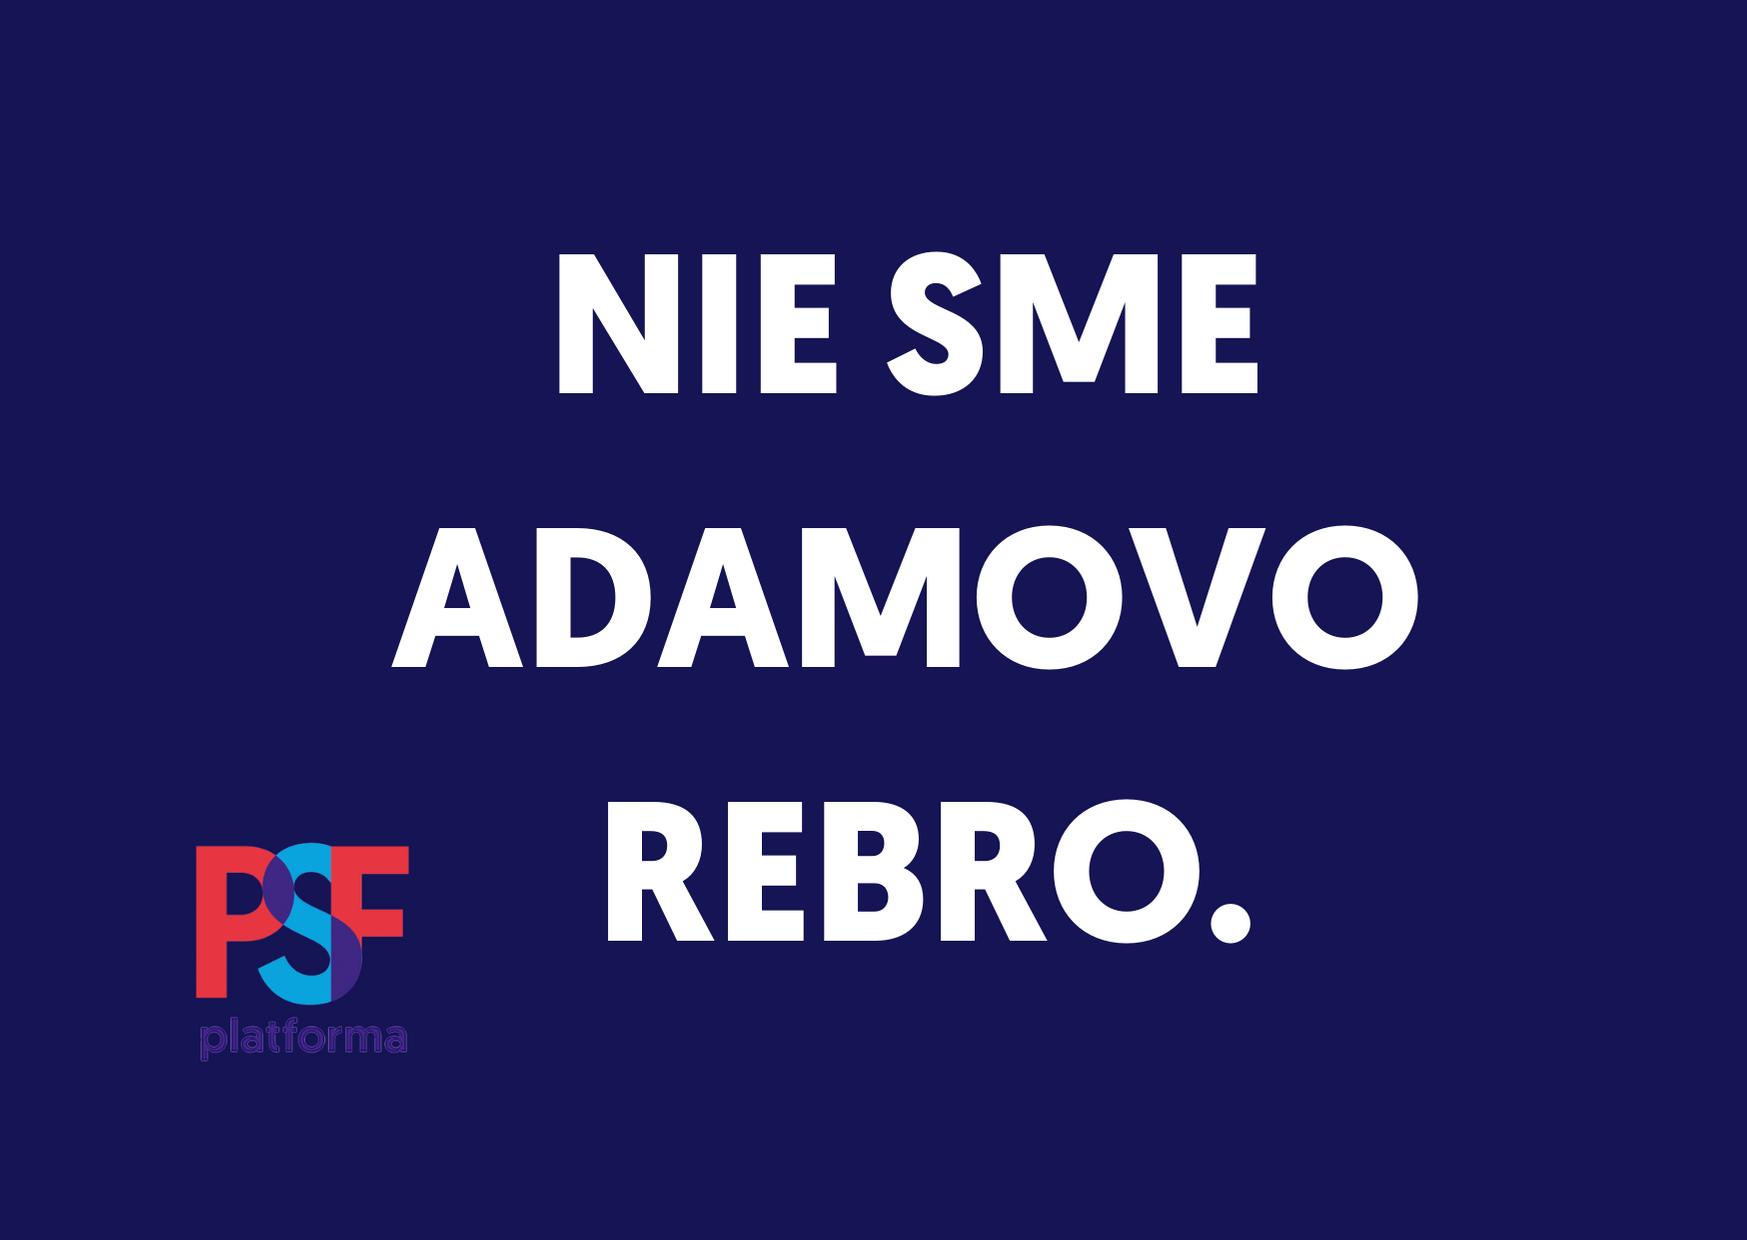 NIE SME ADAMOVO REBRO